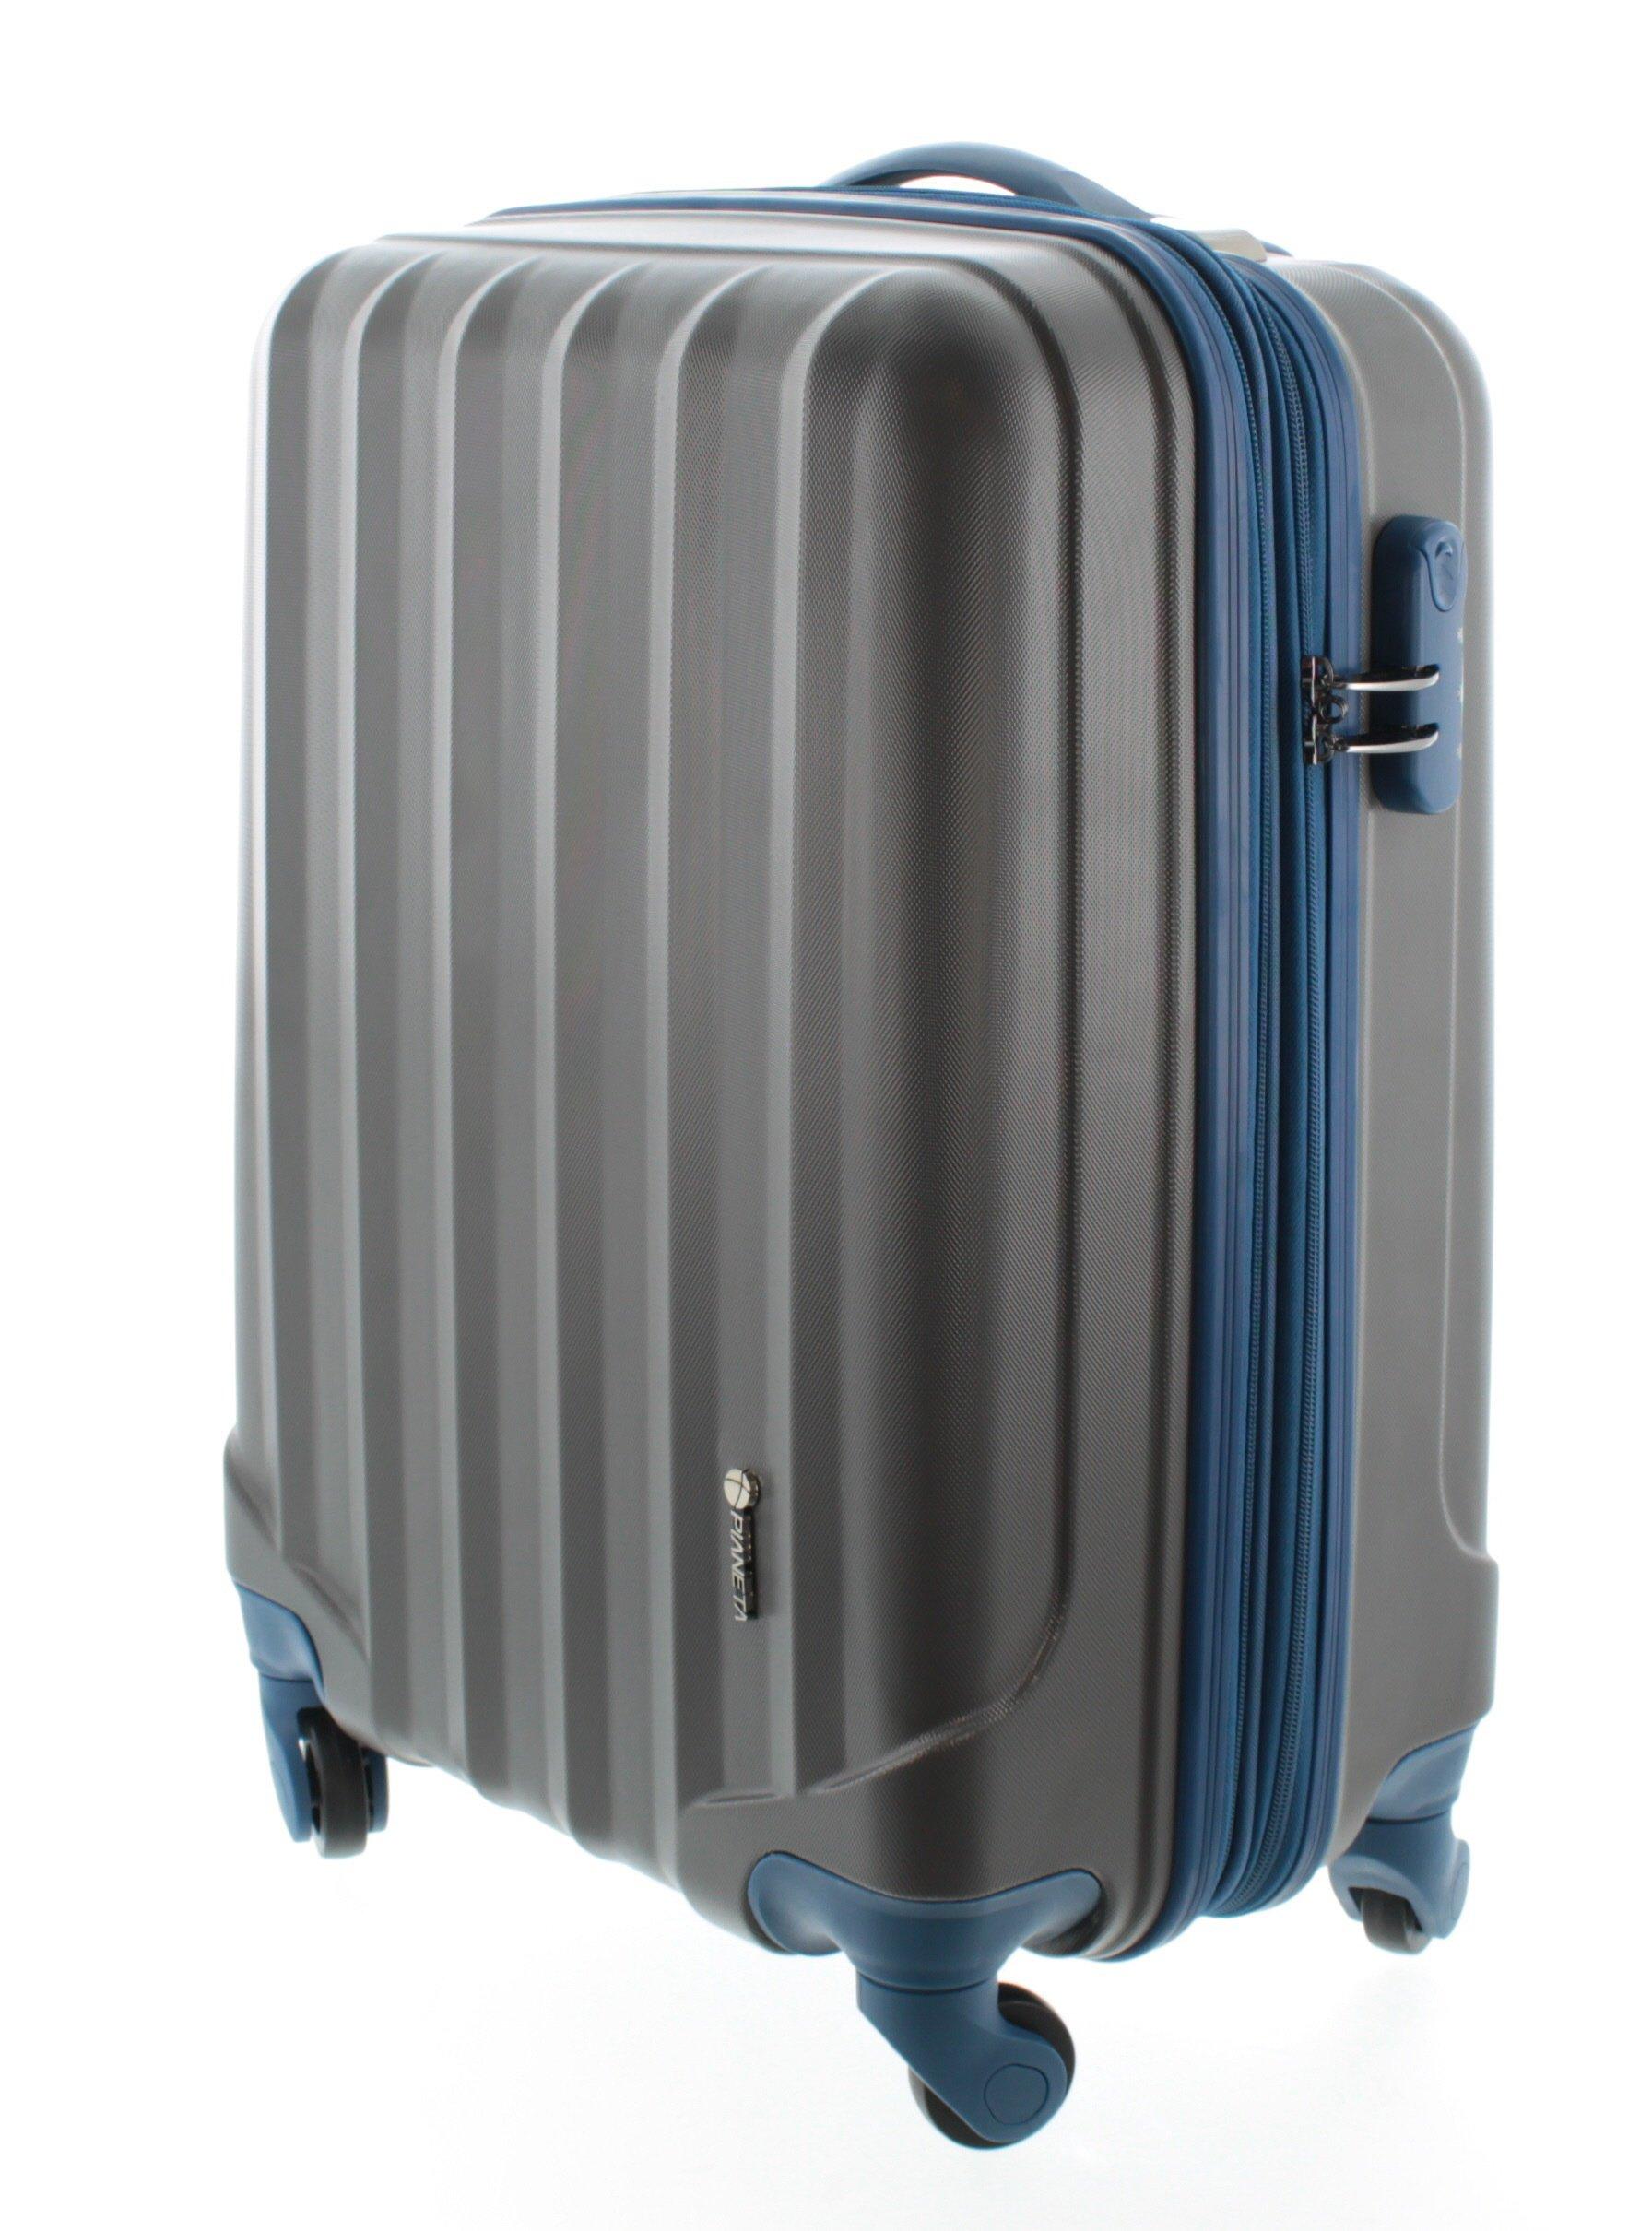 Pianeta-Hartschalen-Koffer-Trolley-Reisegepck-Ibiza-4-Rder-Erweiterbar